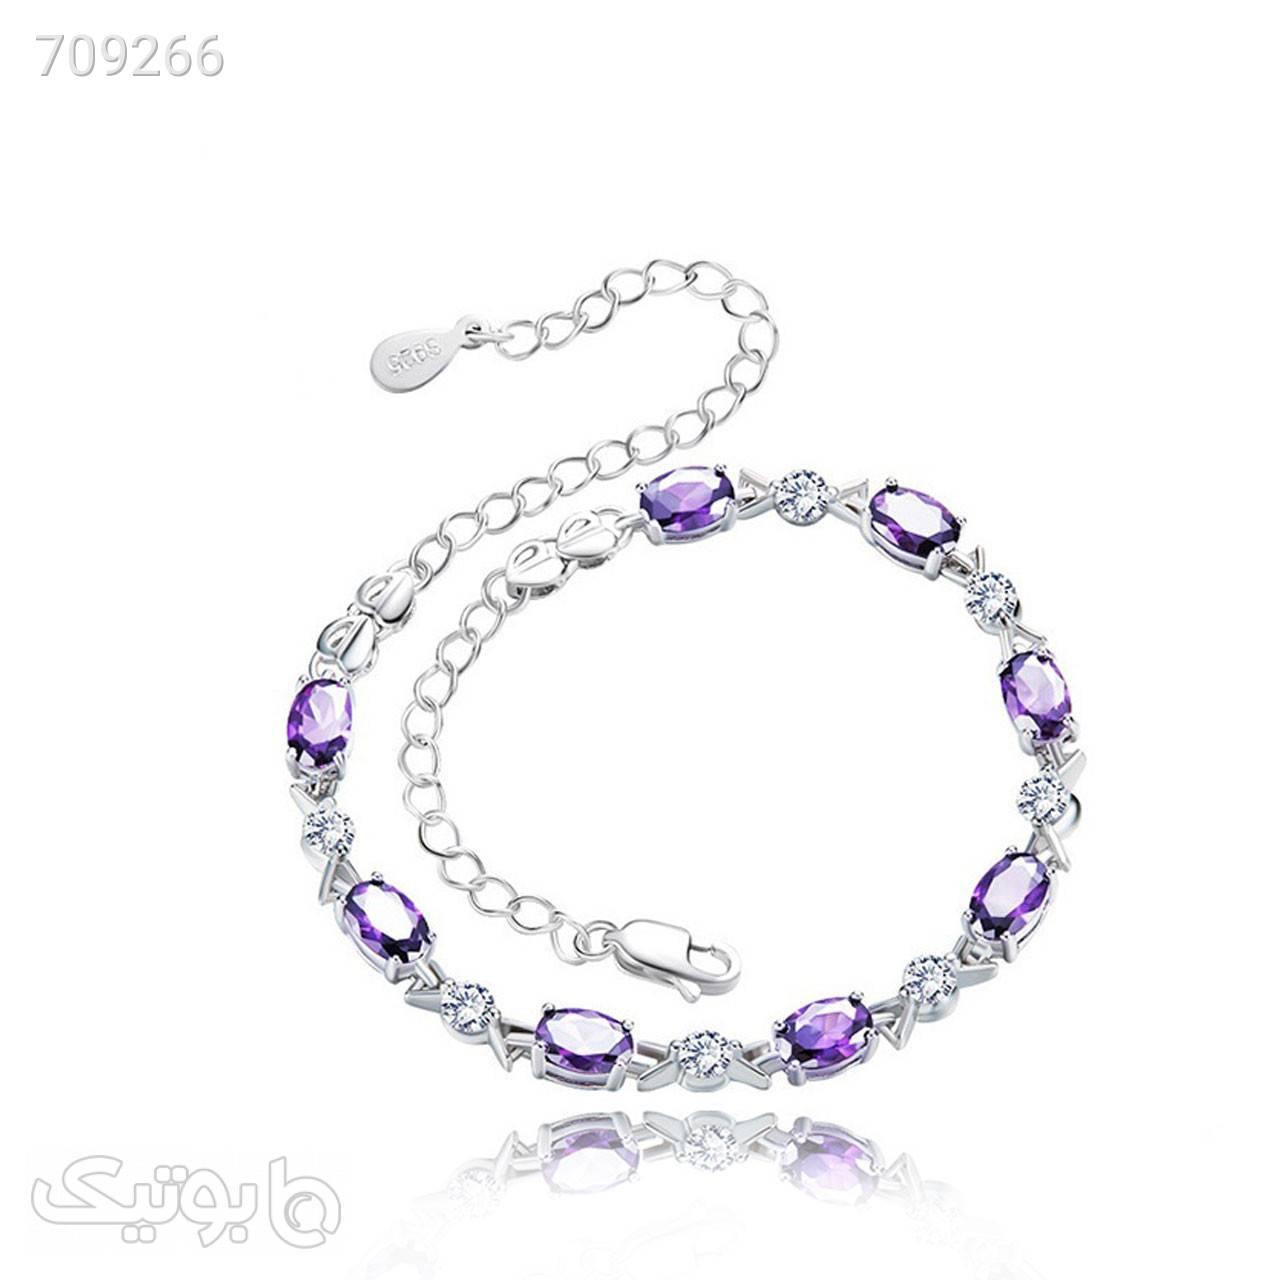 دستبند نقره زنانه کوبیک مدل QB7501 نقره ای دستبند و پابند